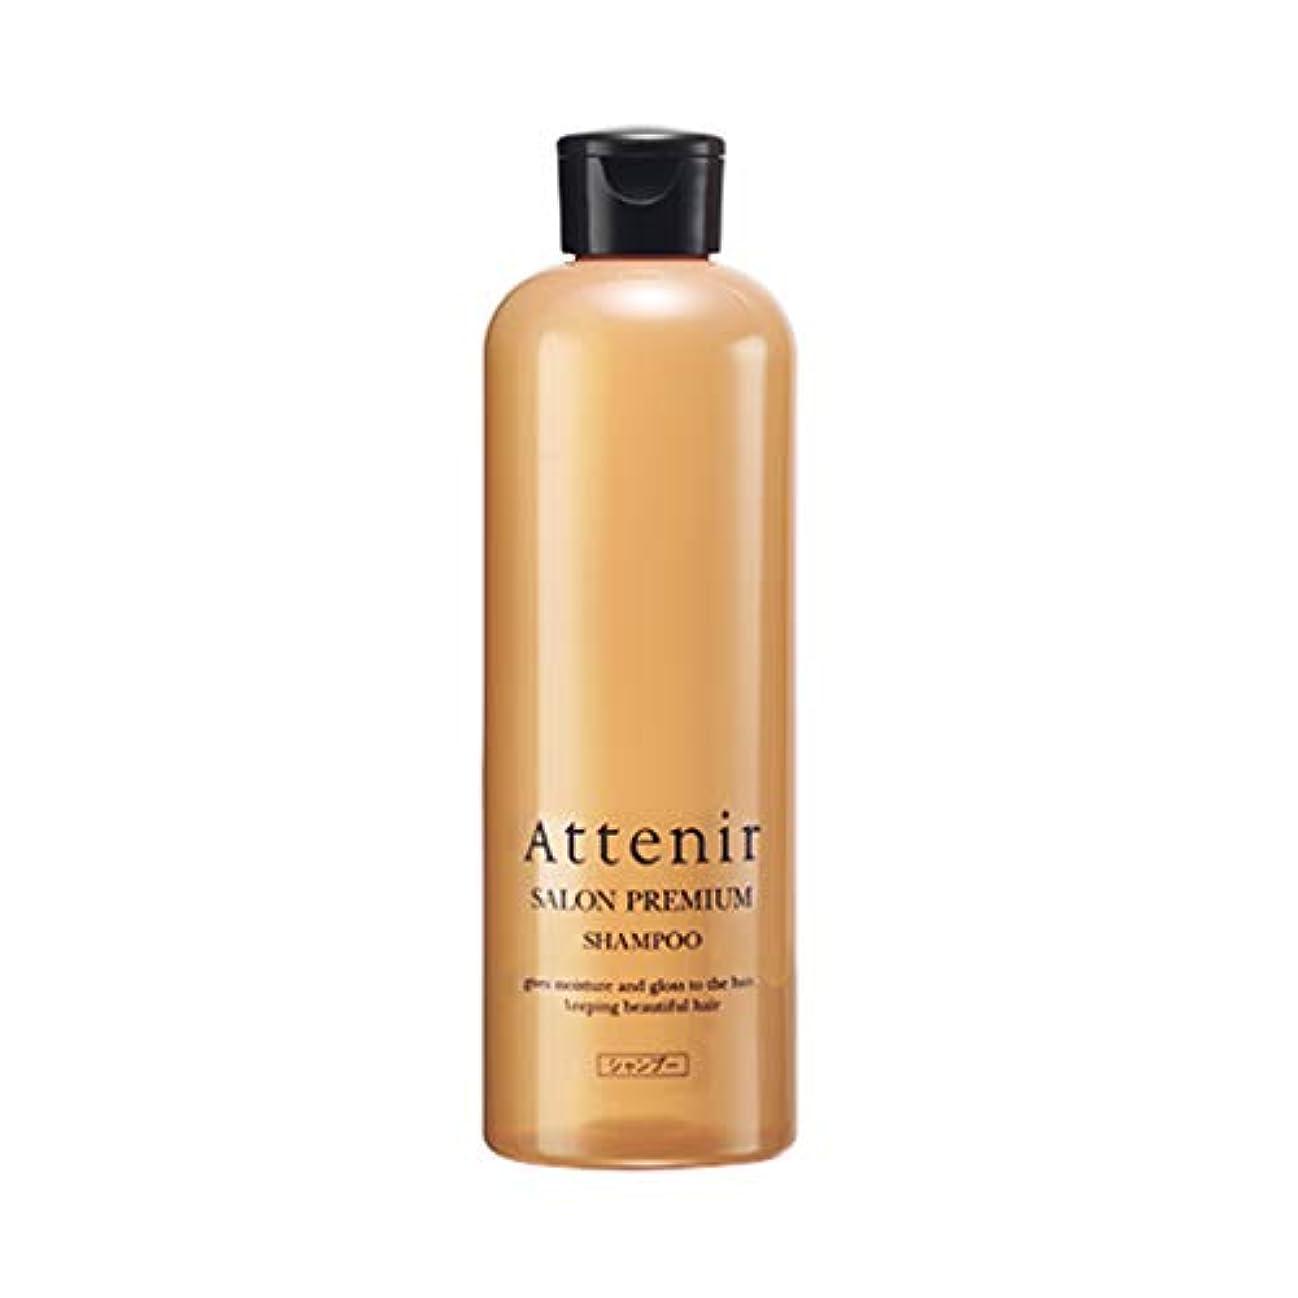 露悪質な噂アテニア サロンプレミアム シャンプー グランフローラルの香り 毛髪補強成分配合 300ml